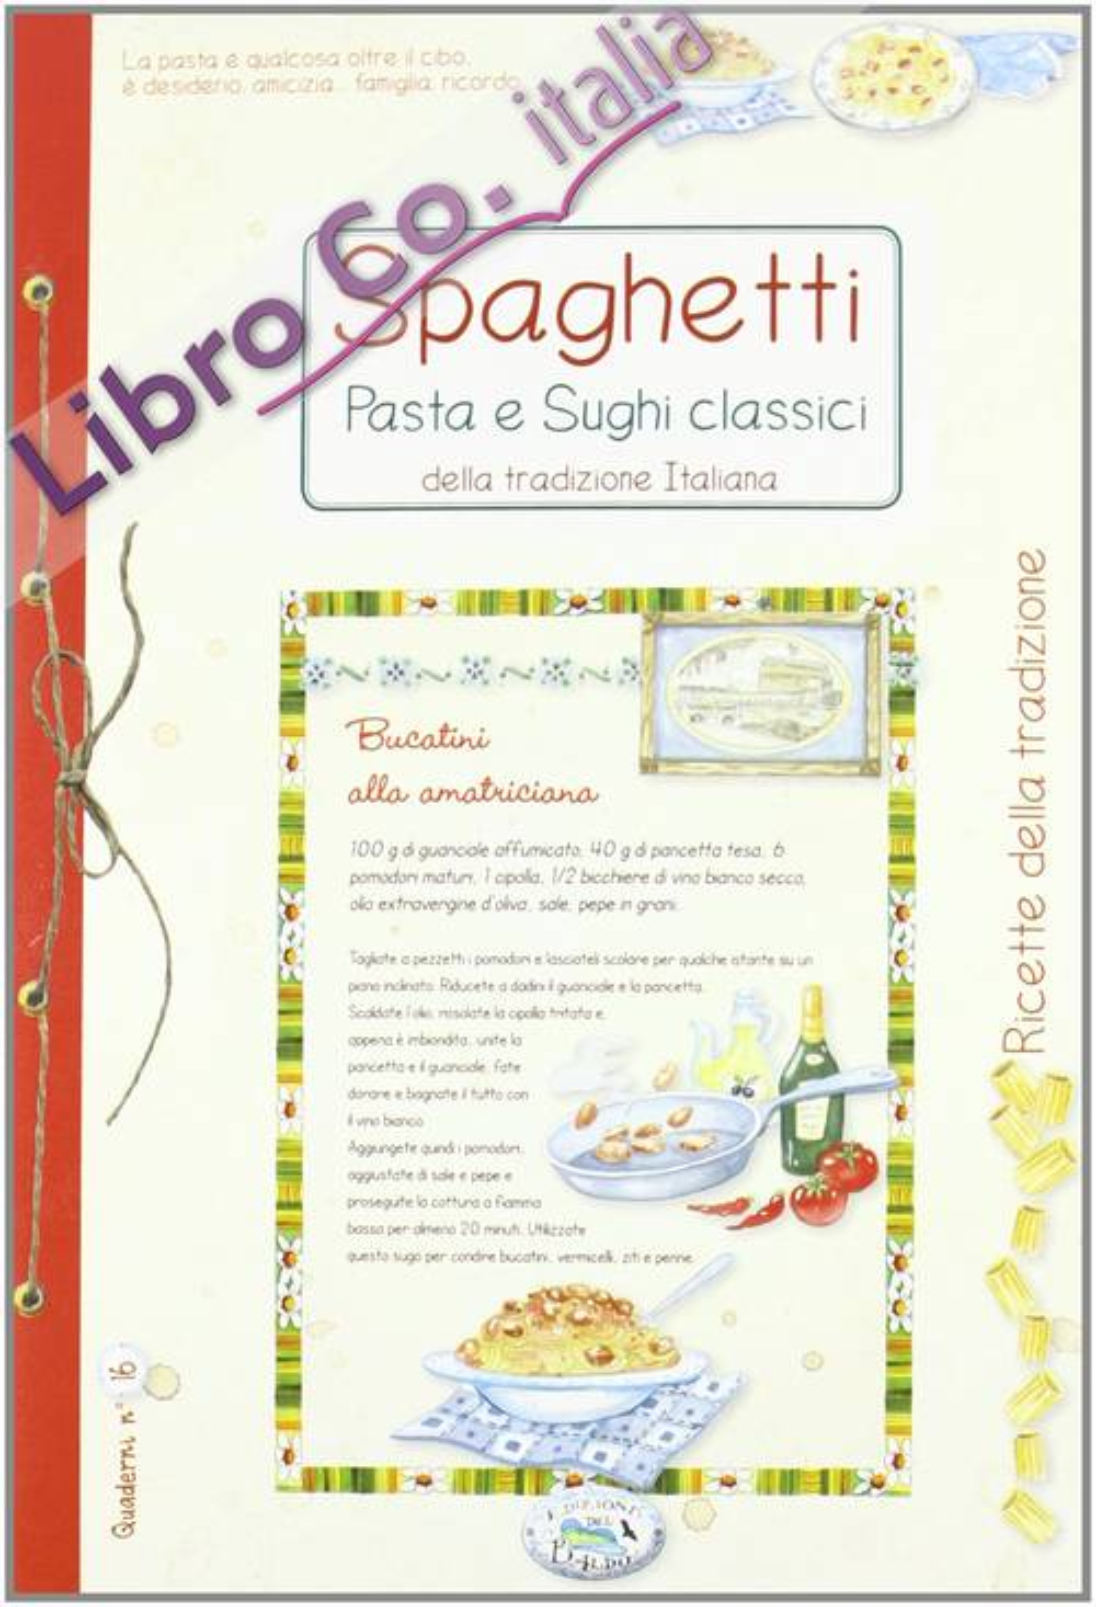 Spaghetti, pasta e sughi classici della tradizione italiana